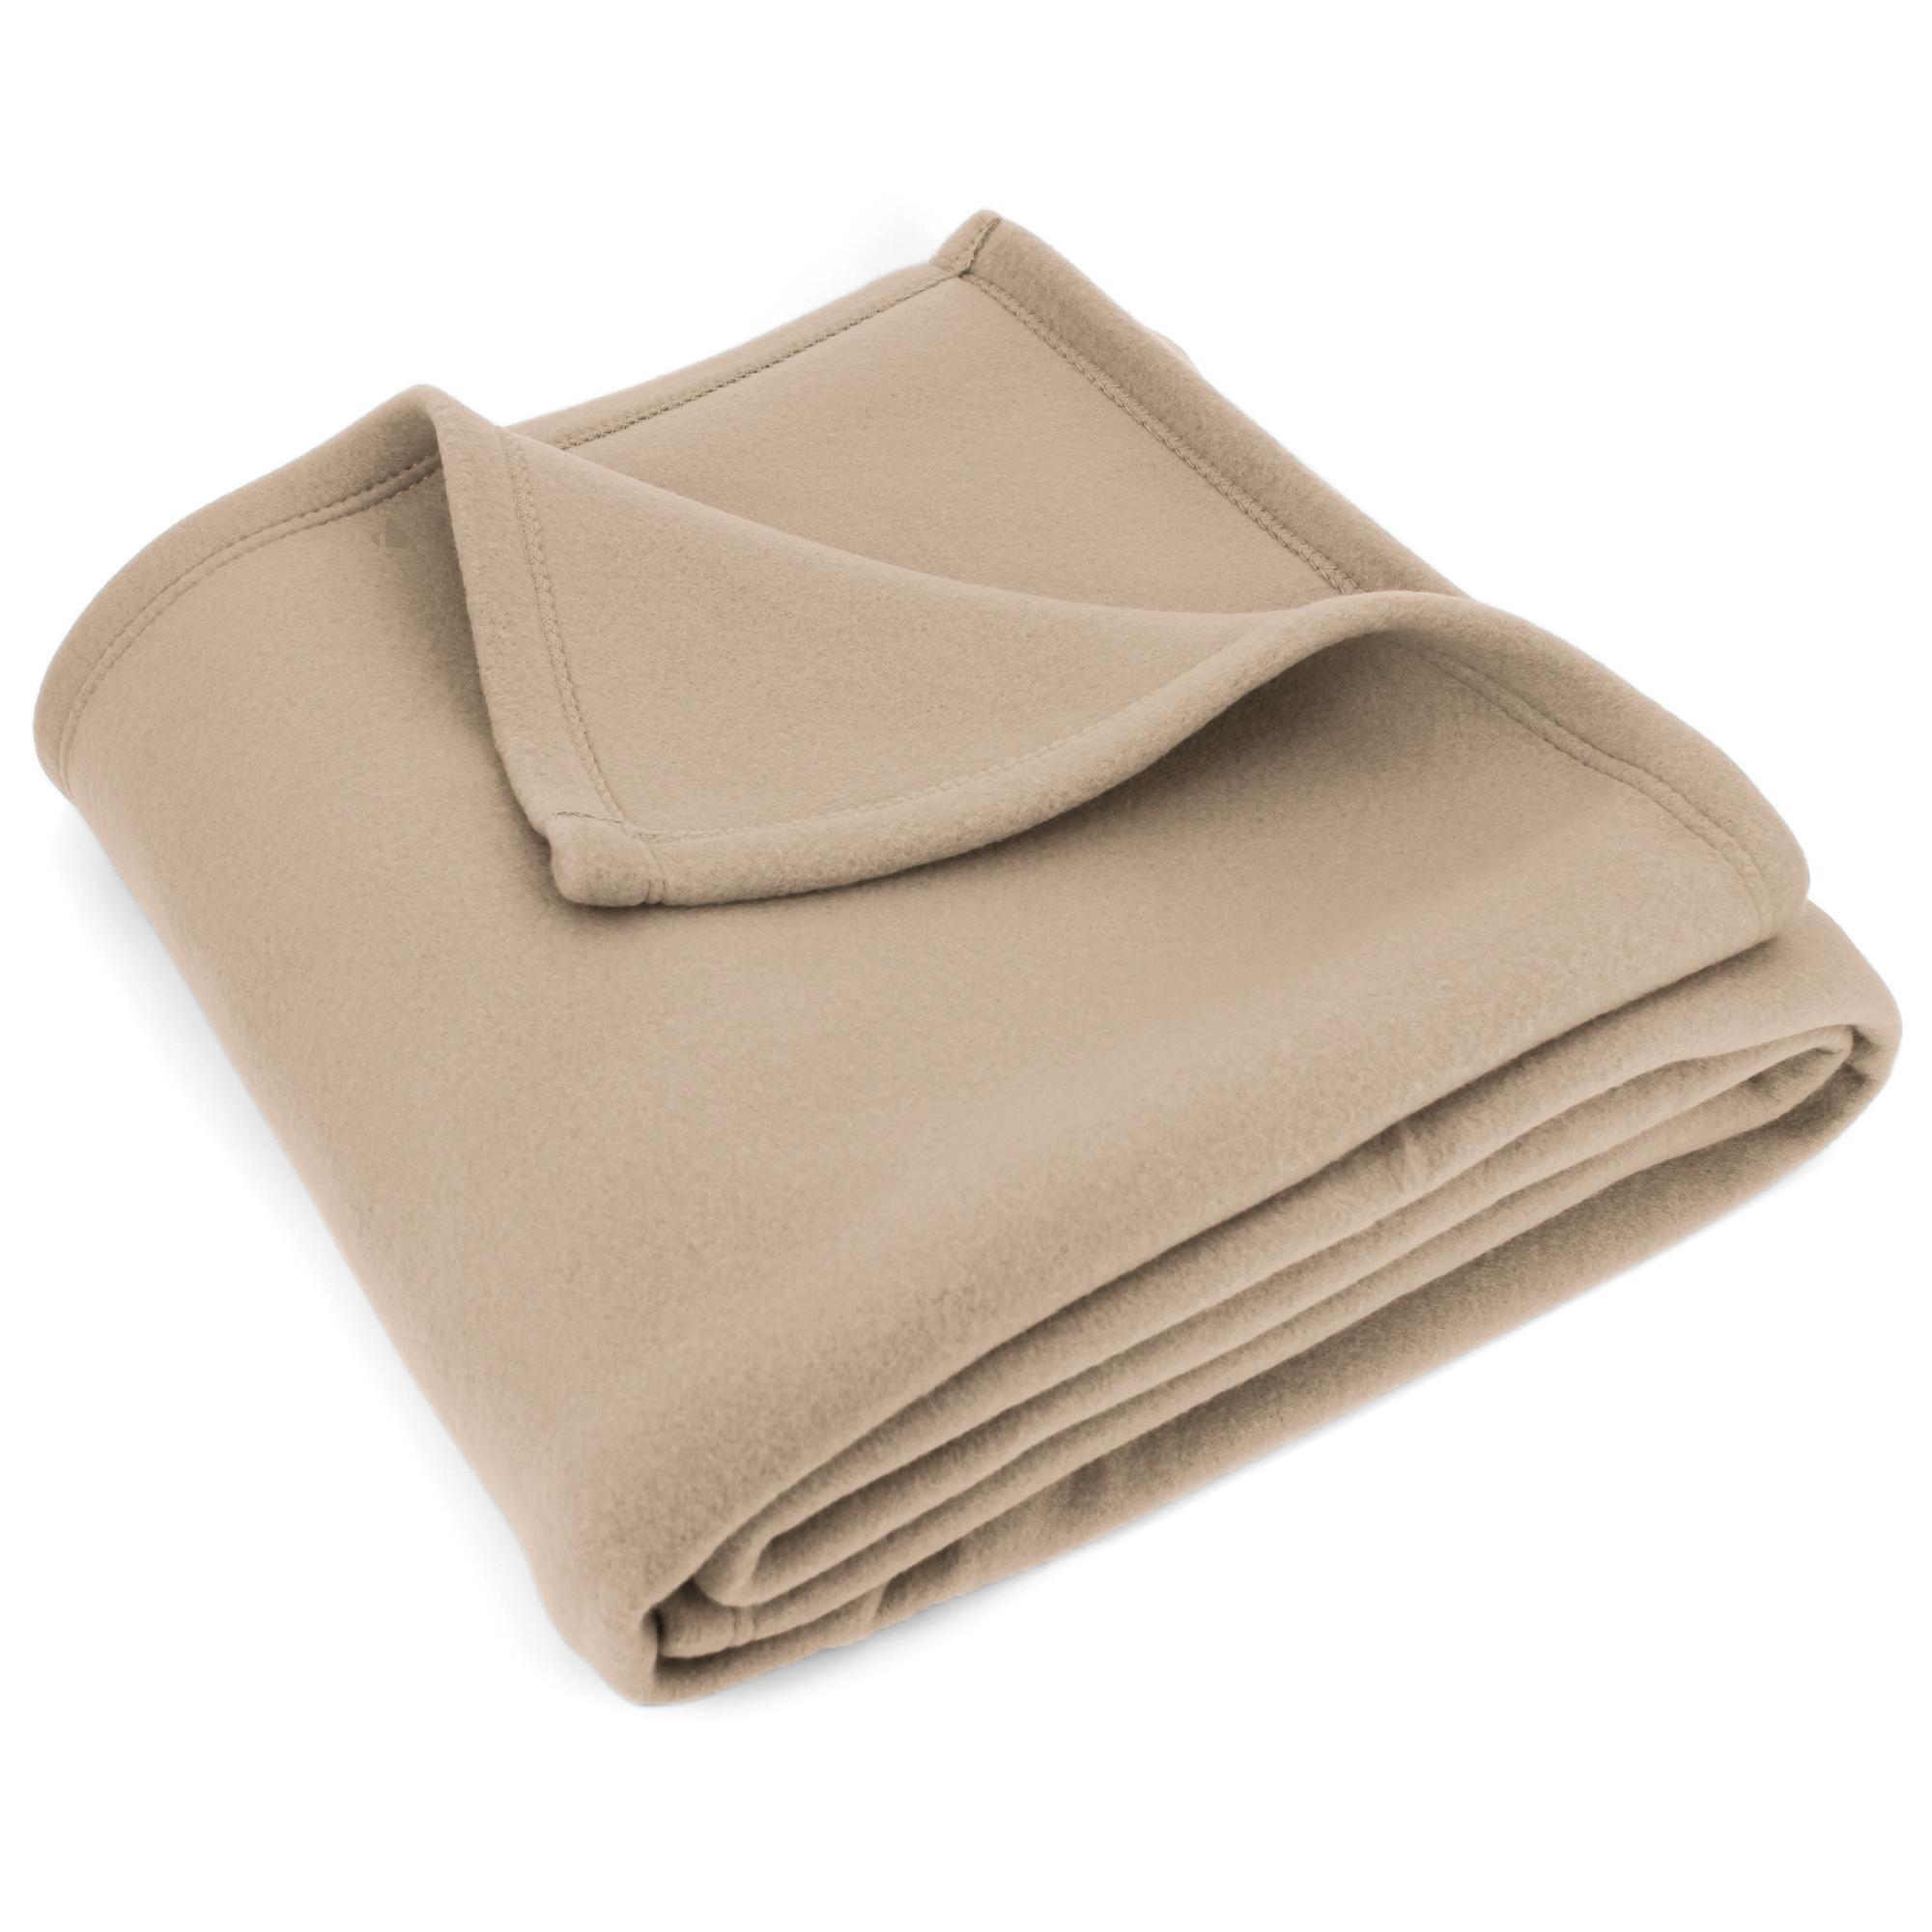 couverture polaire 180x220 cm isba sable 100 polyester 320 g m2 trait non feu linnea. Black Bedroom Furniture Sets. Home Design Ideas